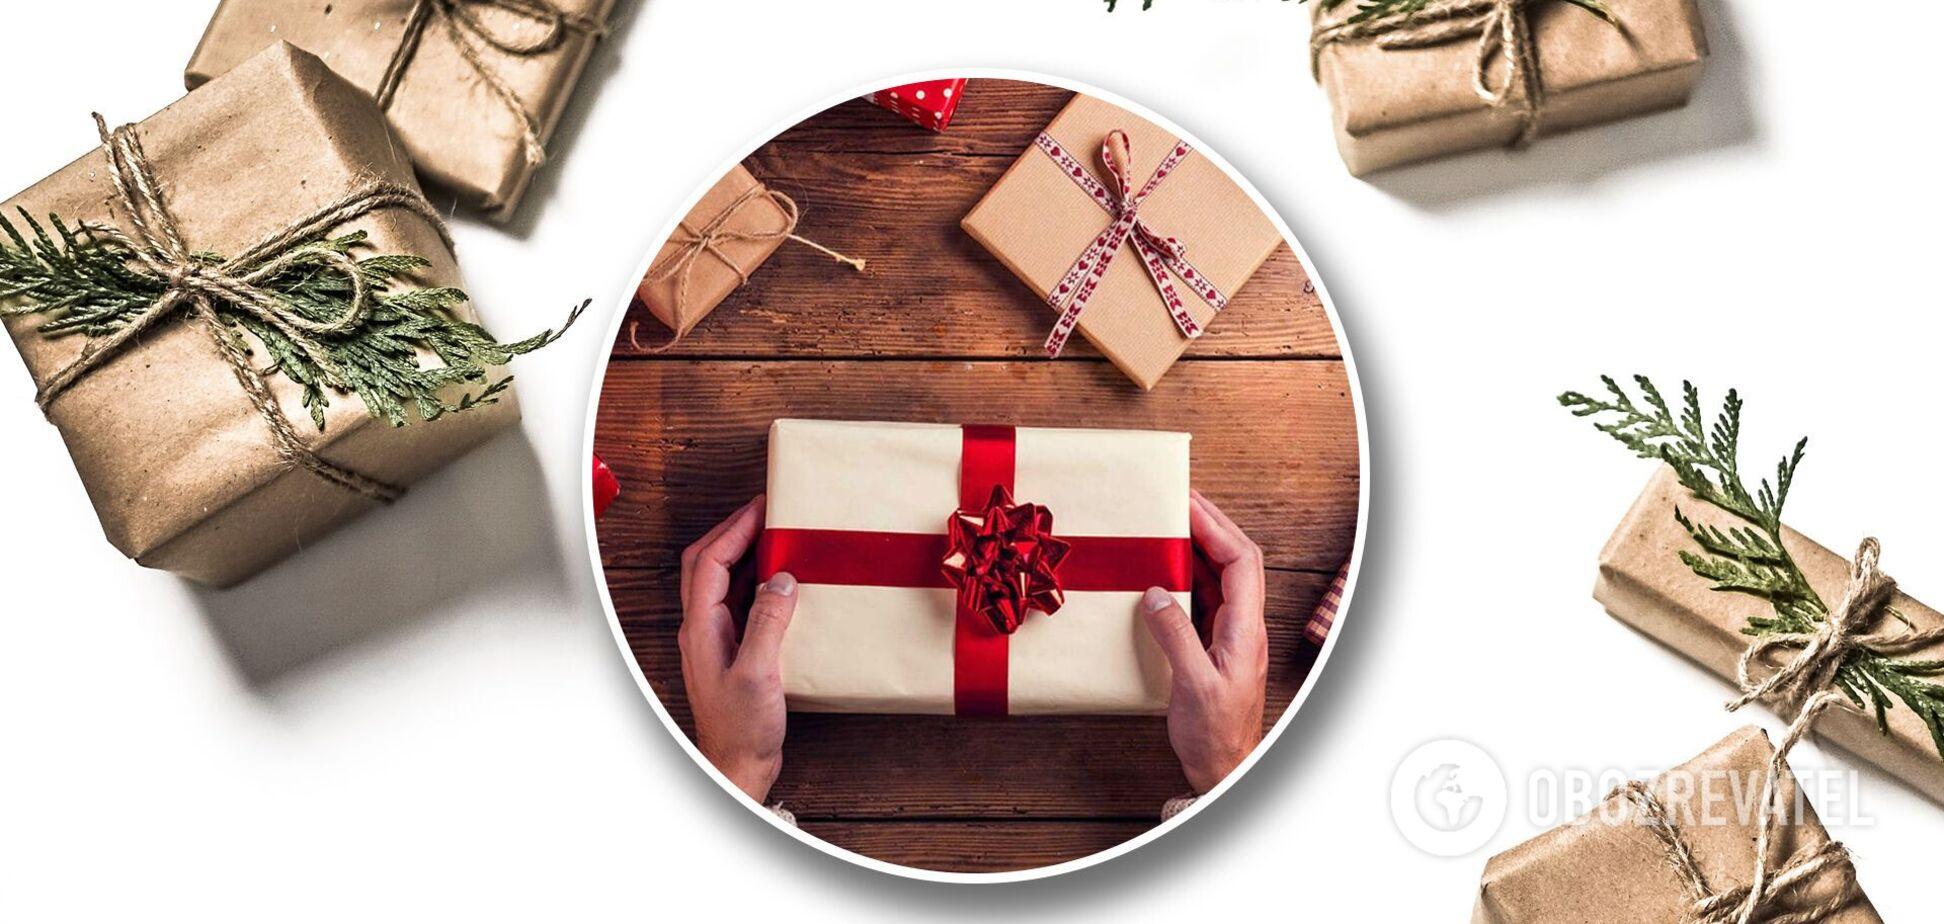 Що подарувати на Новий рік: цікаві ідеї і думка психологів